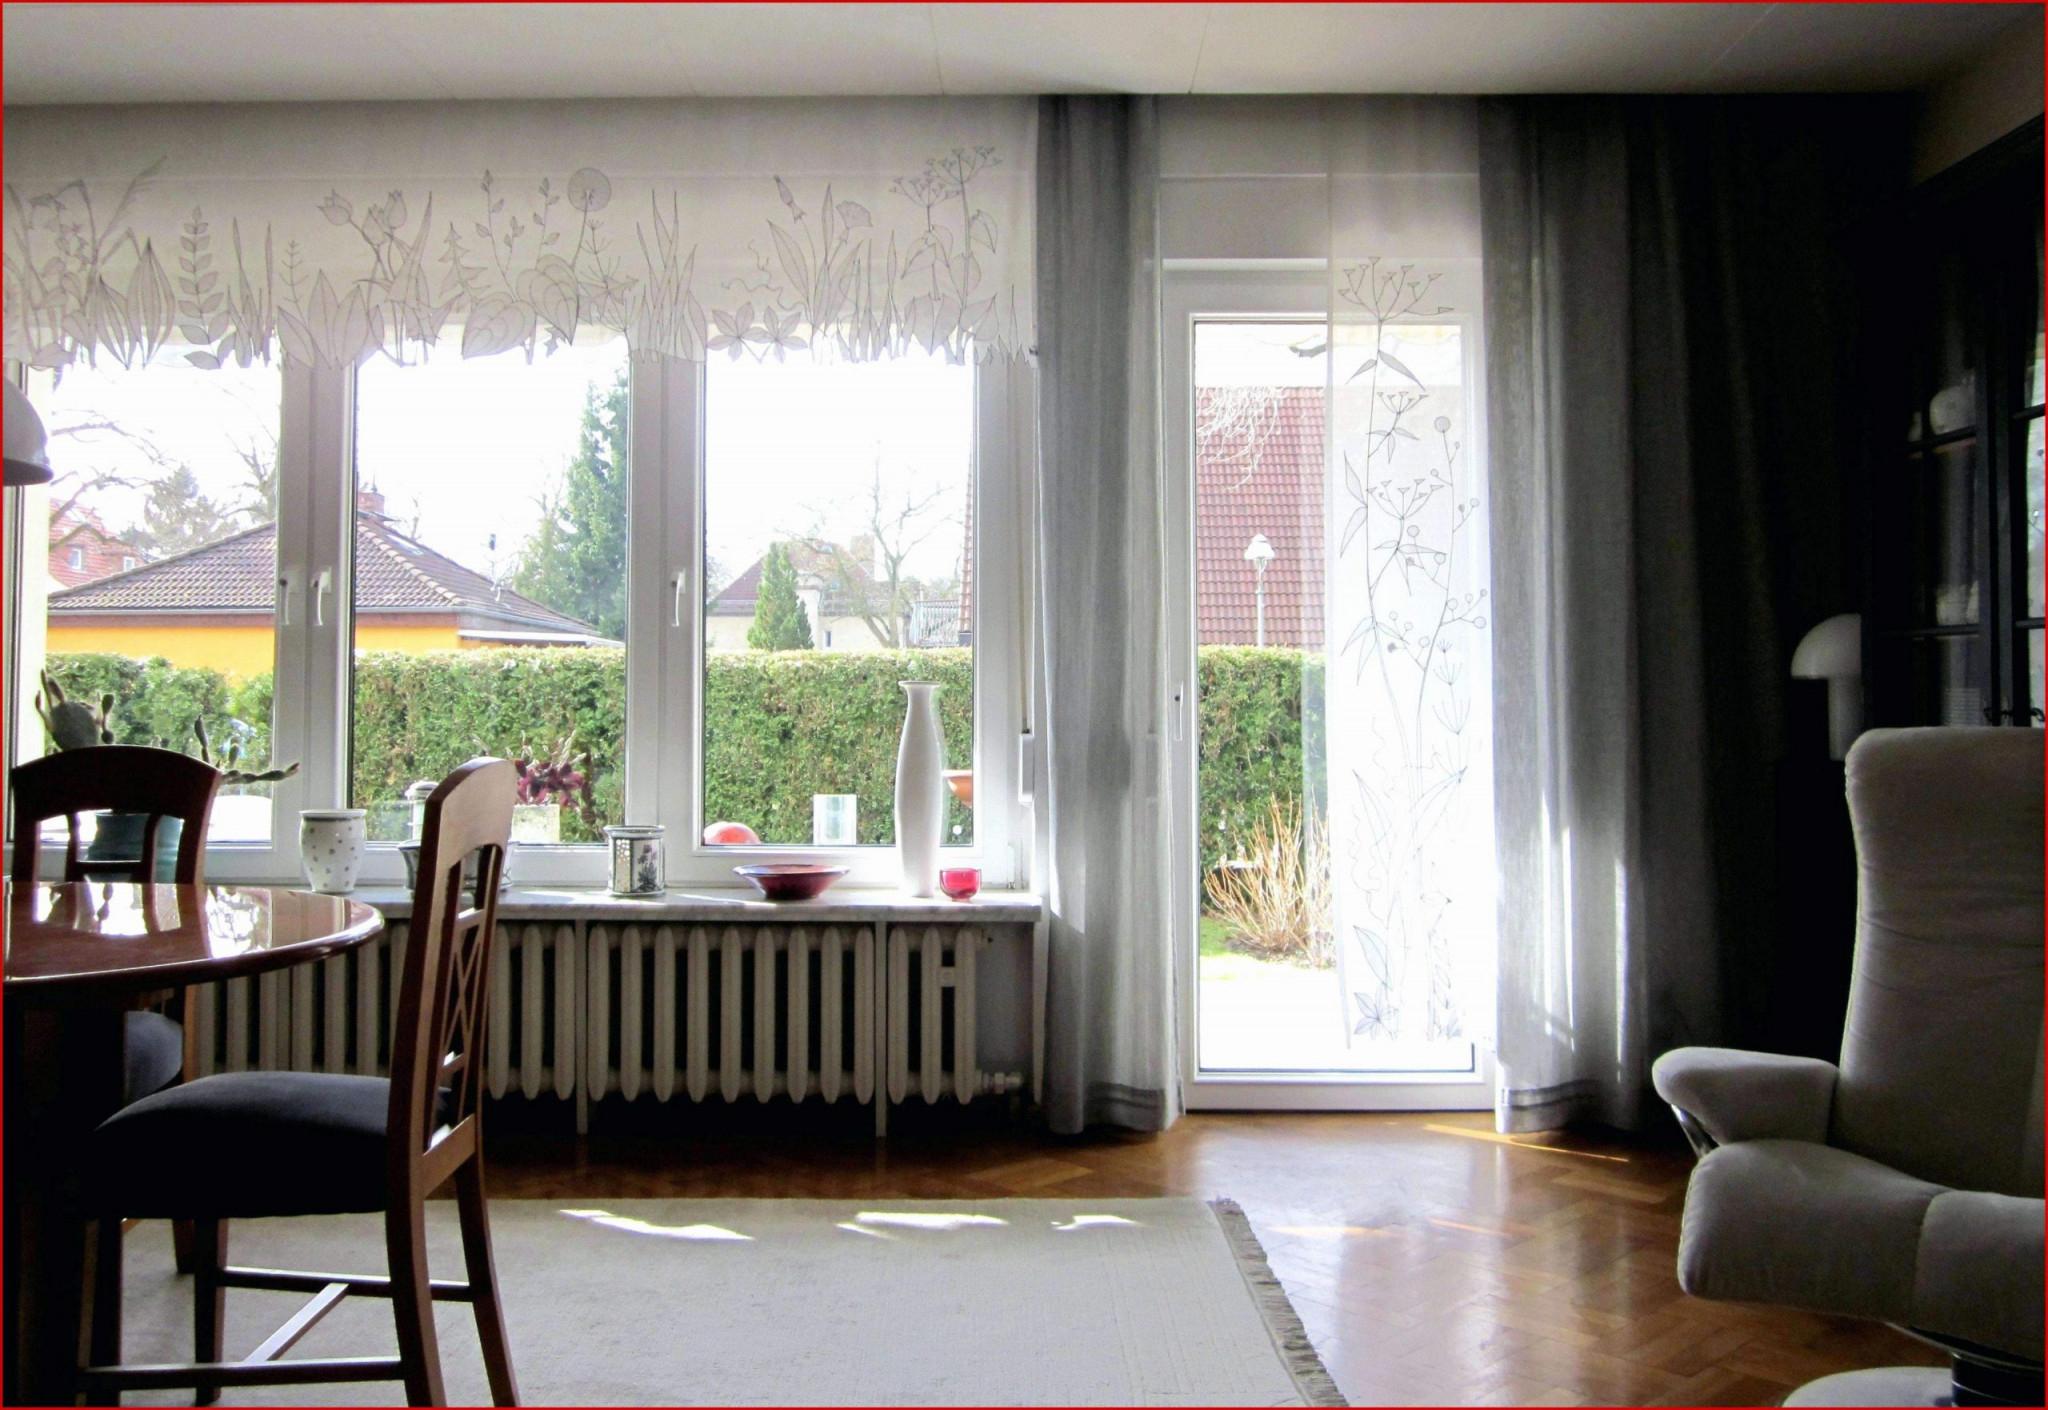 Gardinen Für Wohnzimmer Genial Schön Gardinen Für Wohnzimmer von Gardinen Wohnzimmer Terrassentür Bild